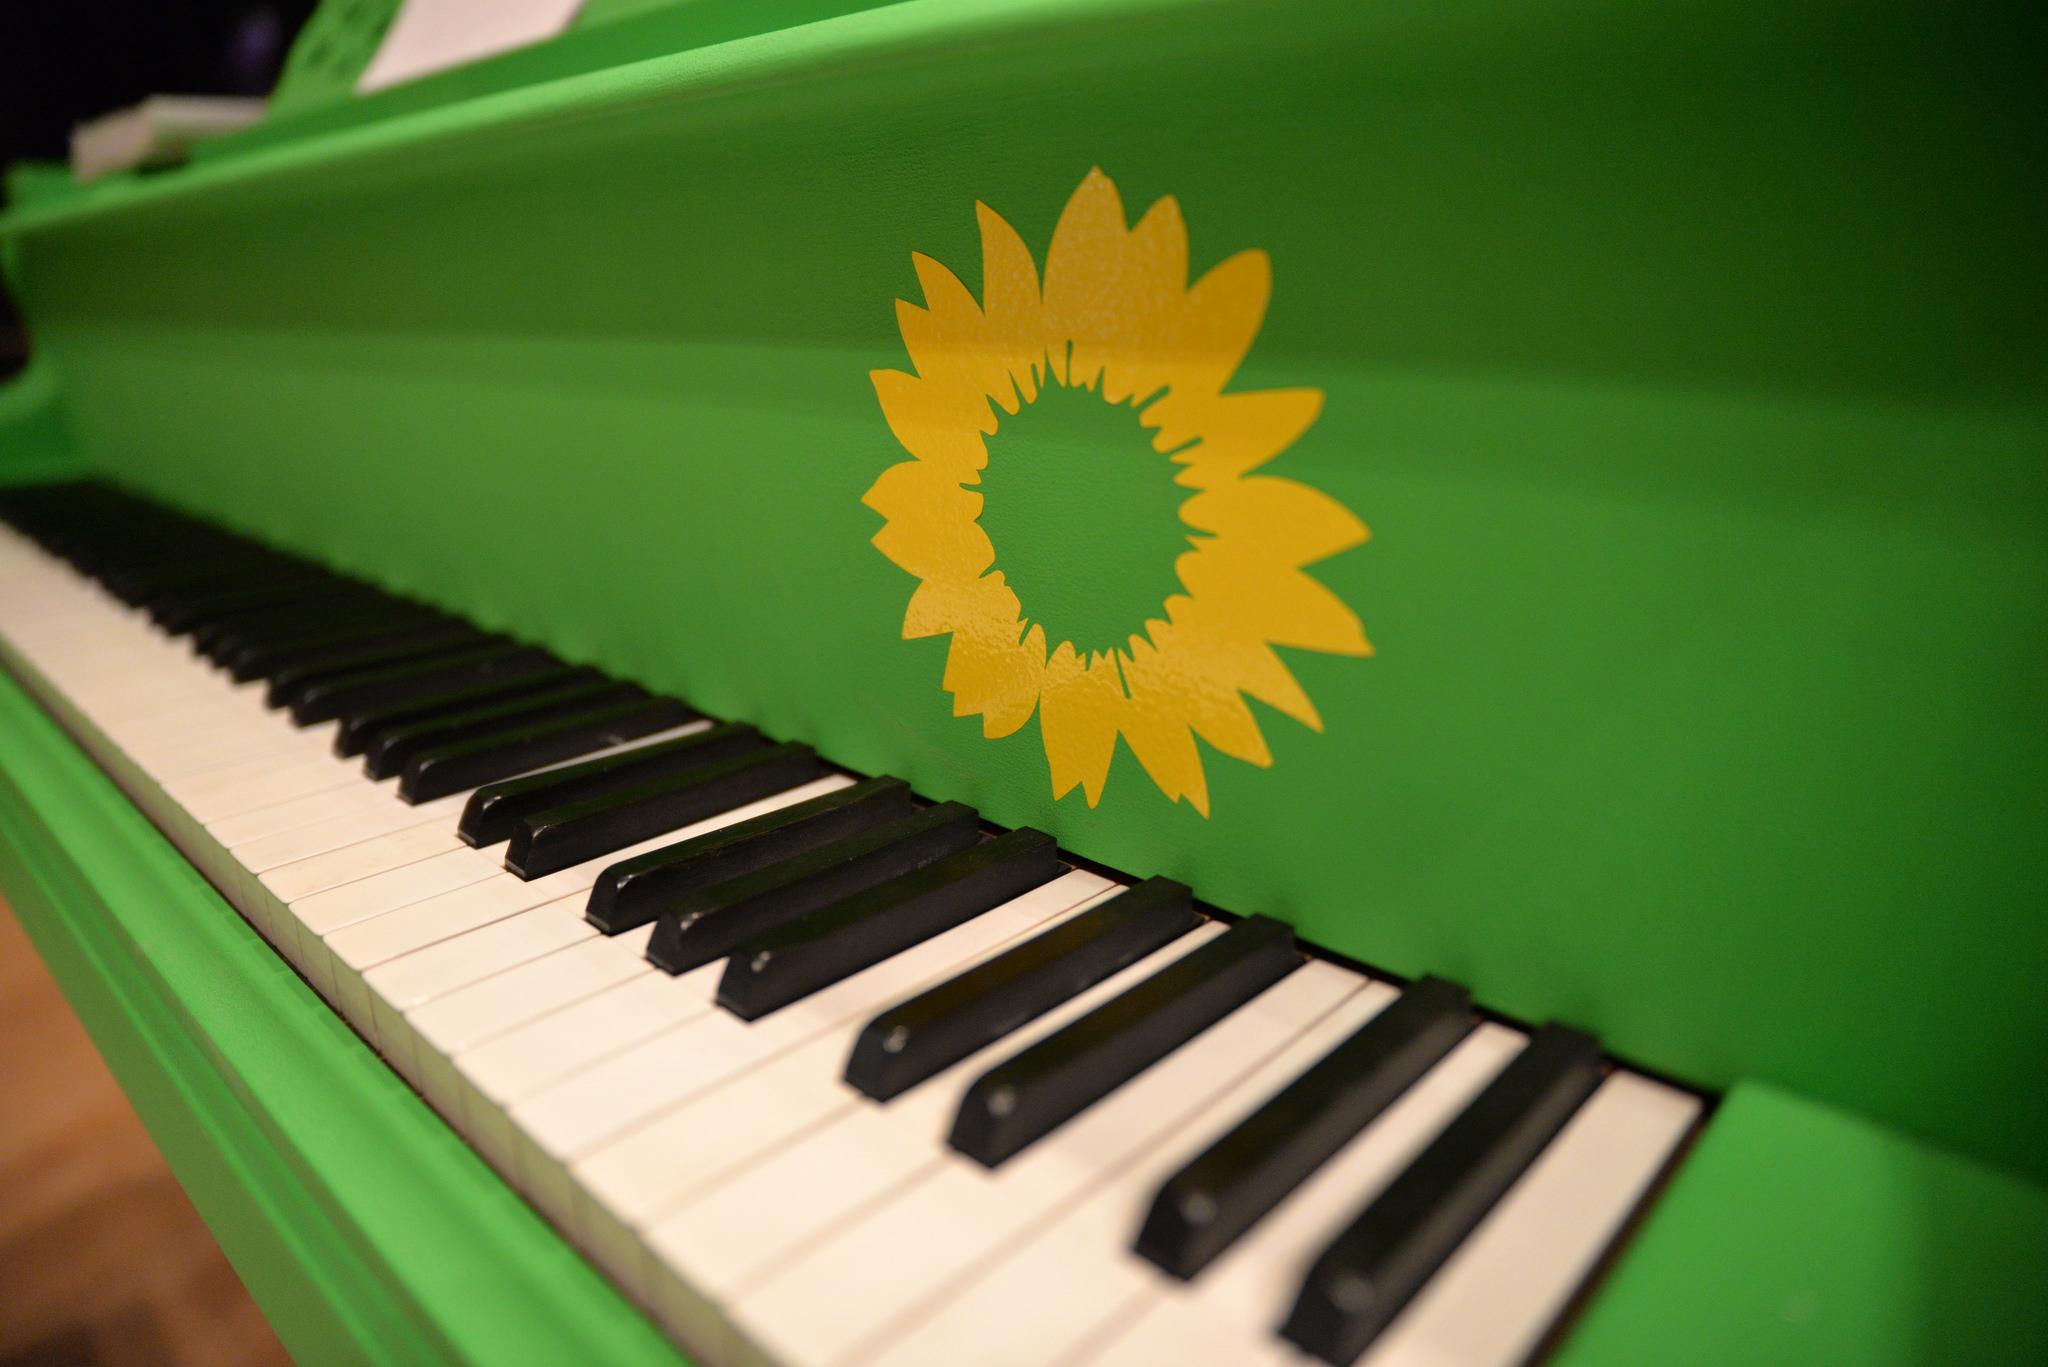 Bei den Grünen muss die Musik wieder spielen.  - Bild: GRÜNE NRW